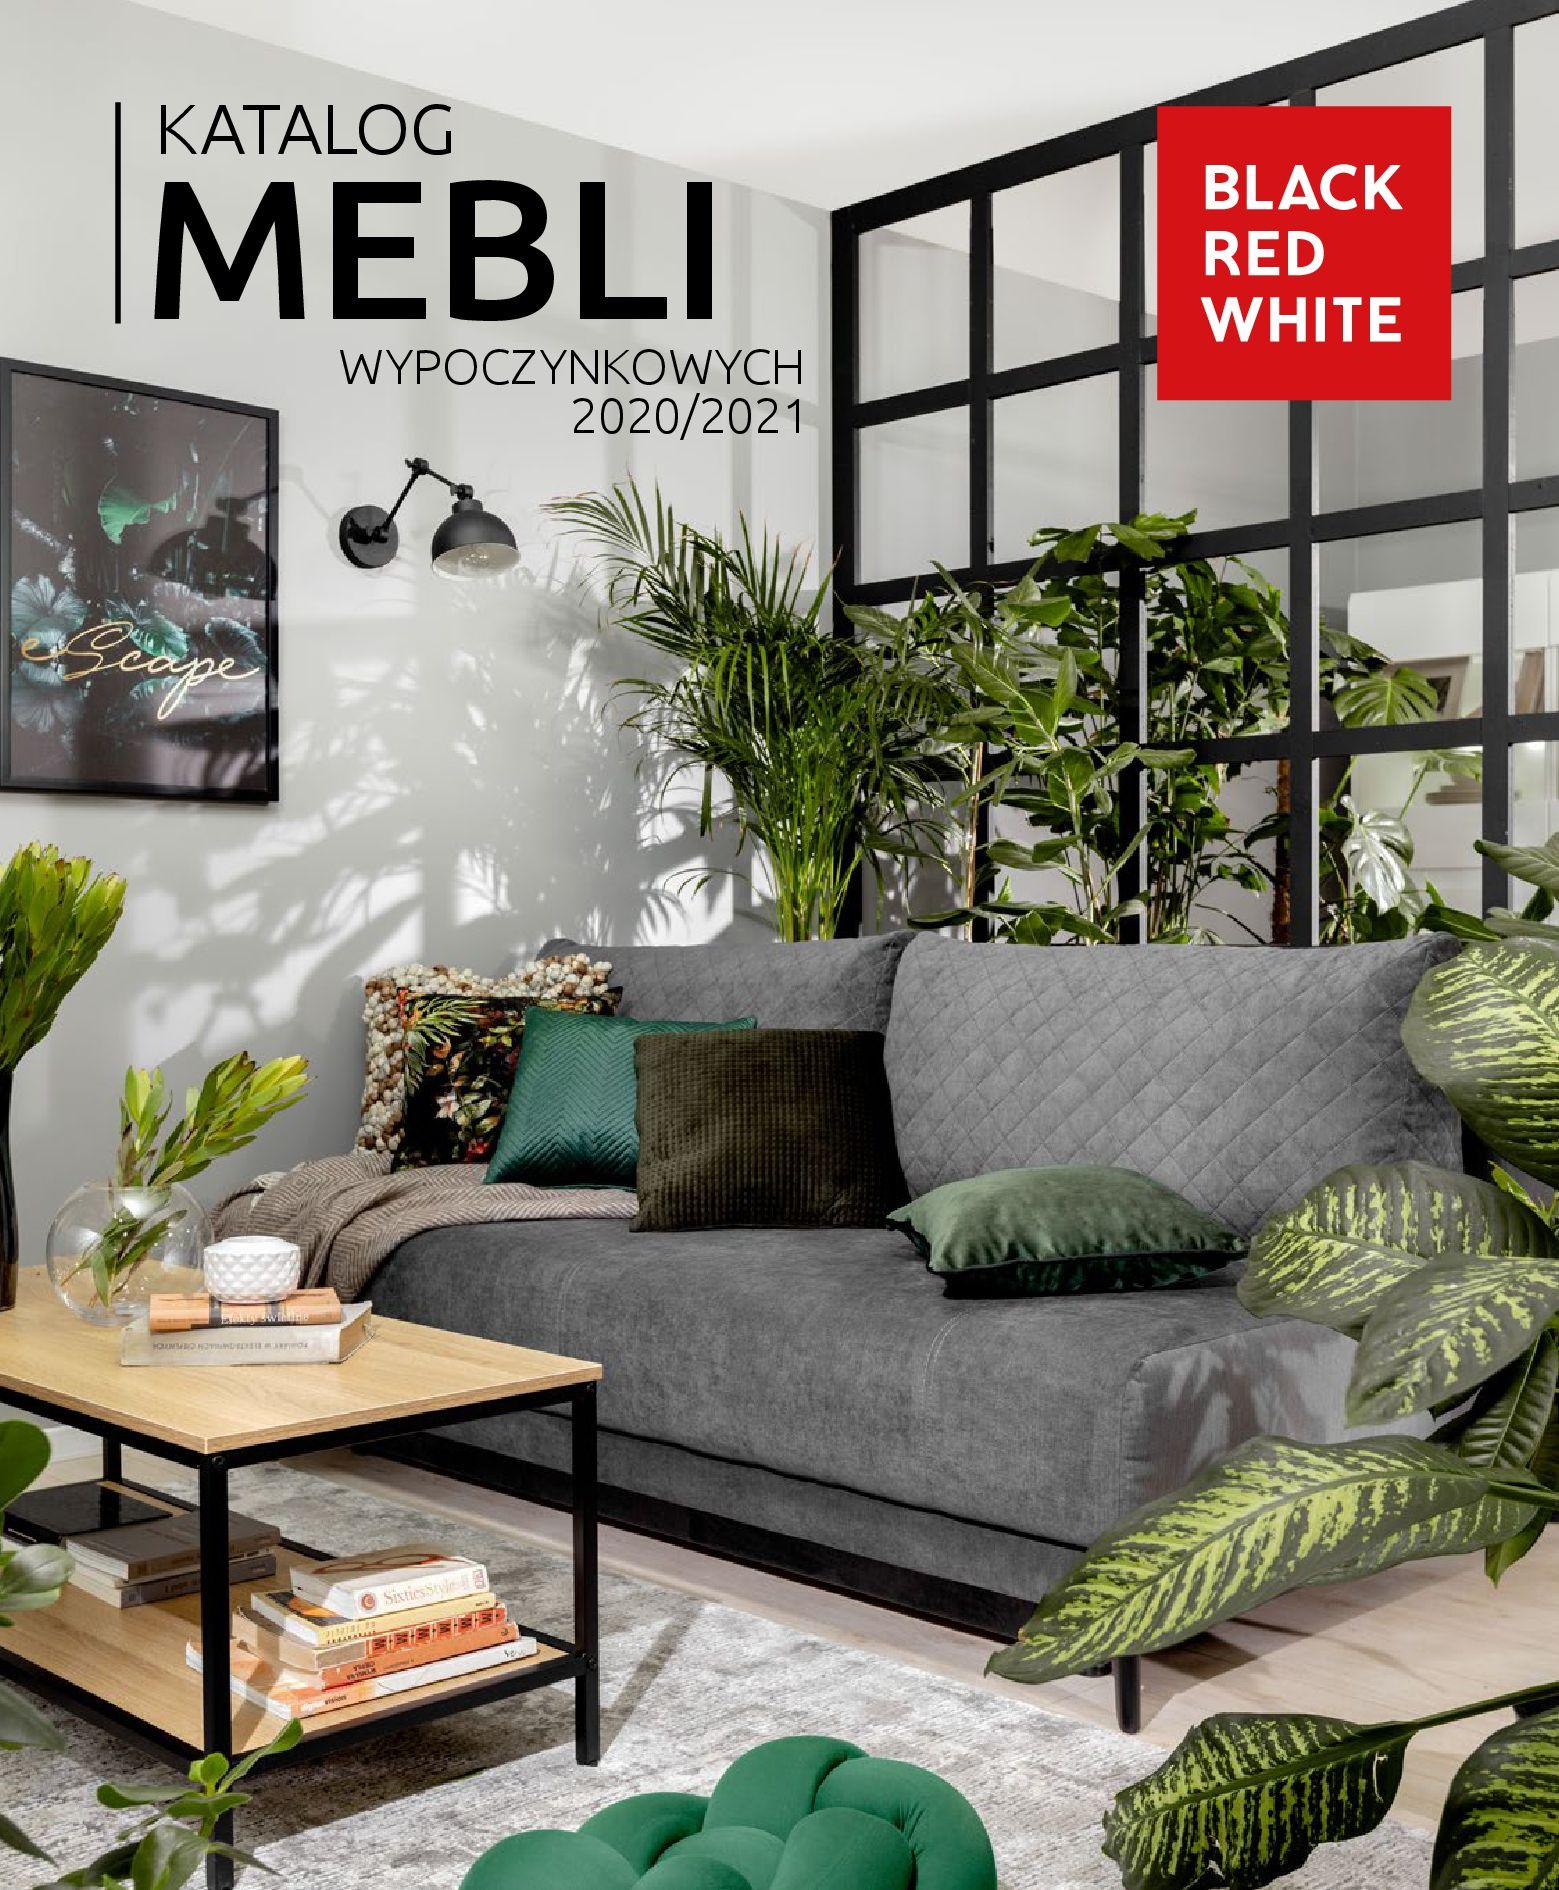 Gazetka Black Red White: Katalog mebli wypoczynkowych 2020/2021 2021-01-13 page-1